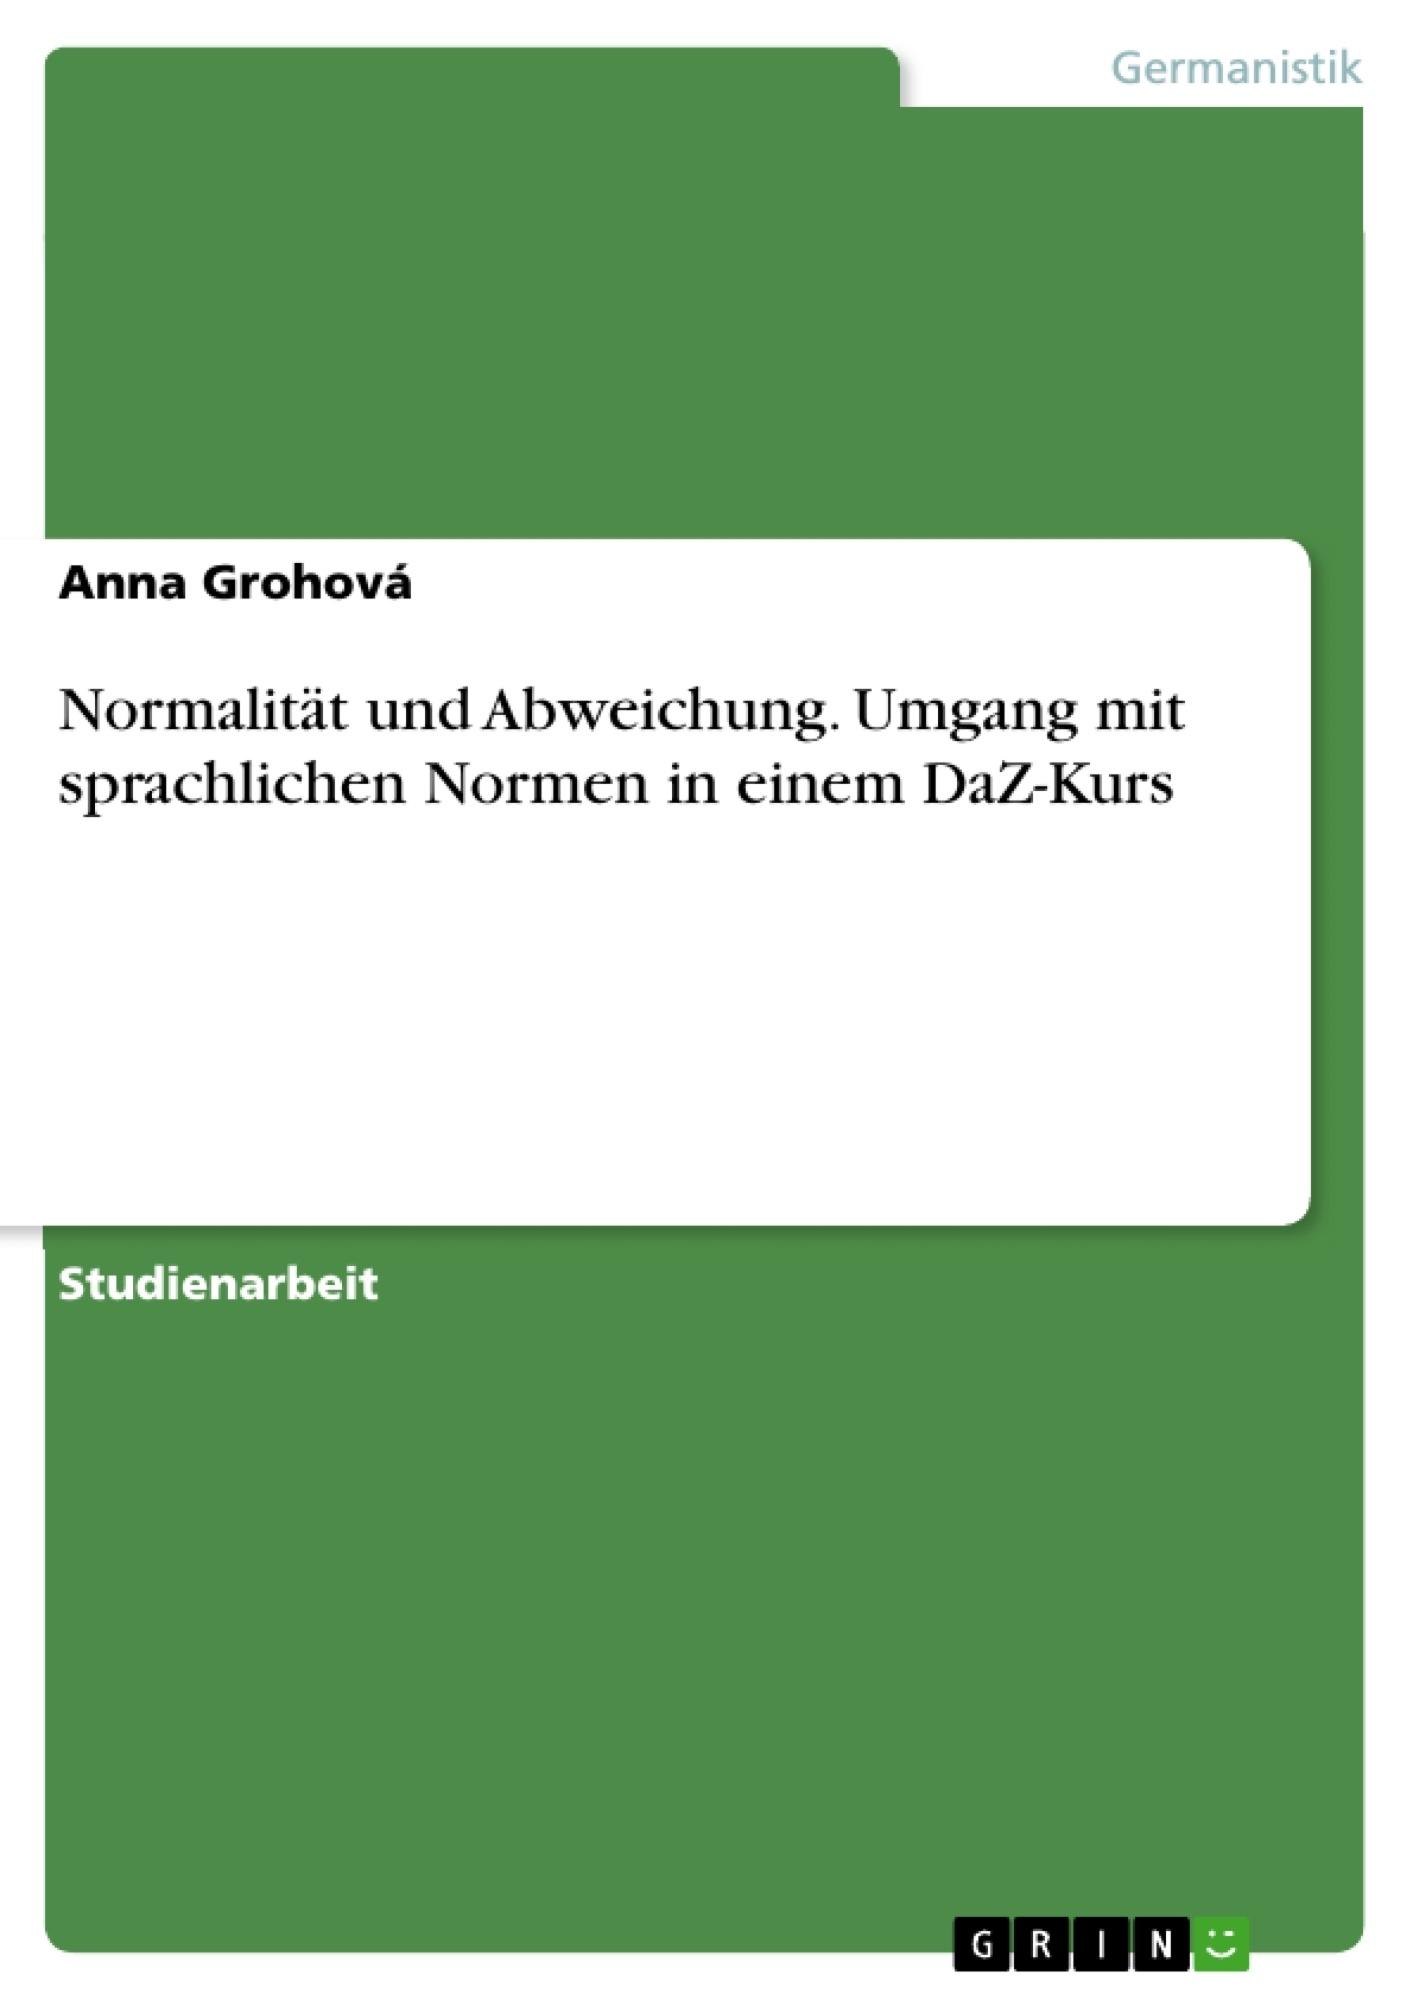 Titel: Normalität und Abweichung. Umgang mit sprachlichen Normen in einem DaZ-Kurs